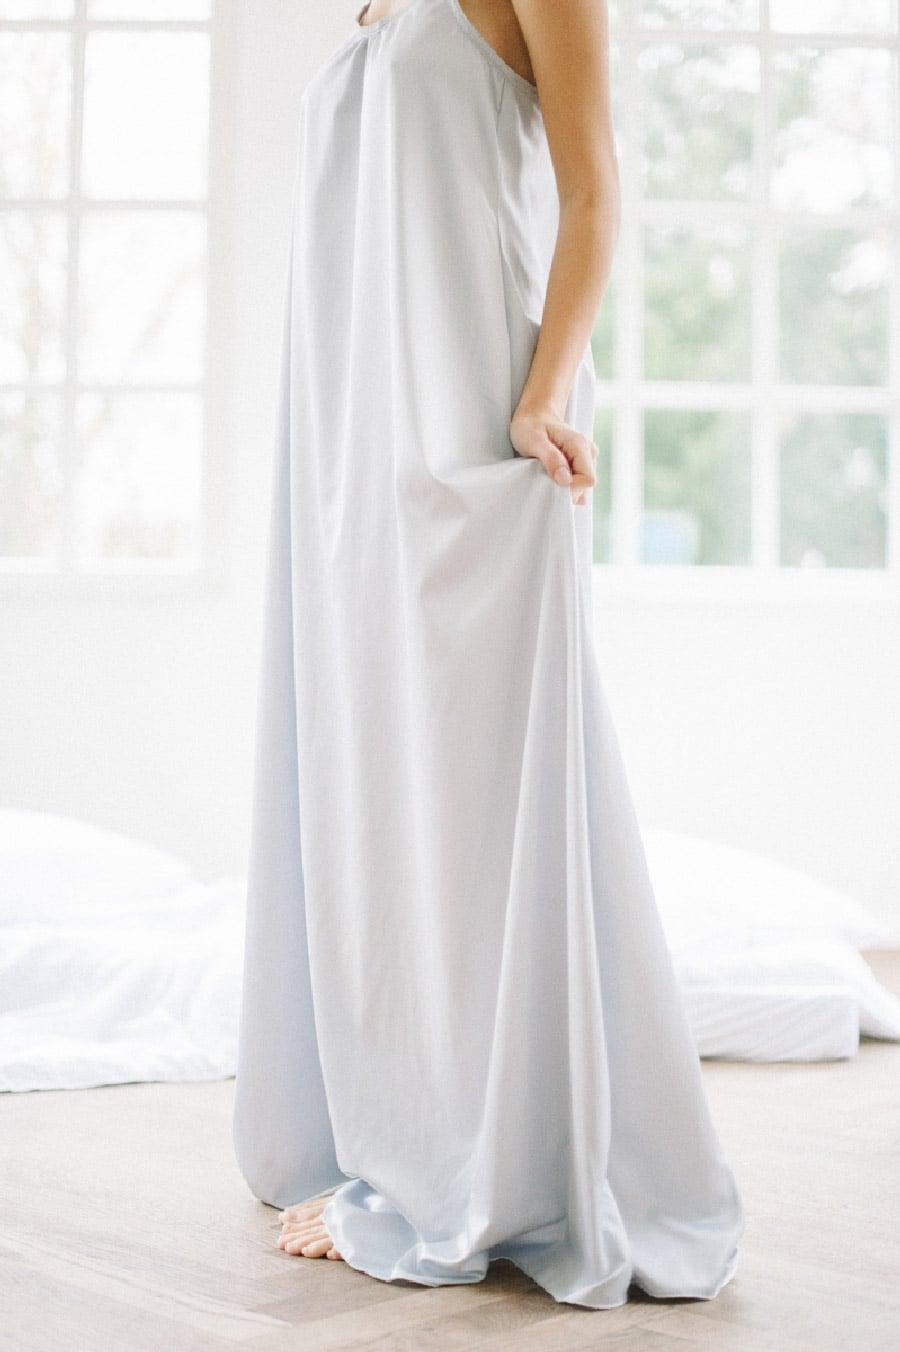 braut-neglige-bridal-robe-boudoir-sina-fischer-donna-2